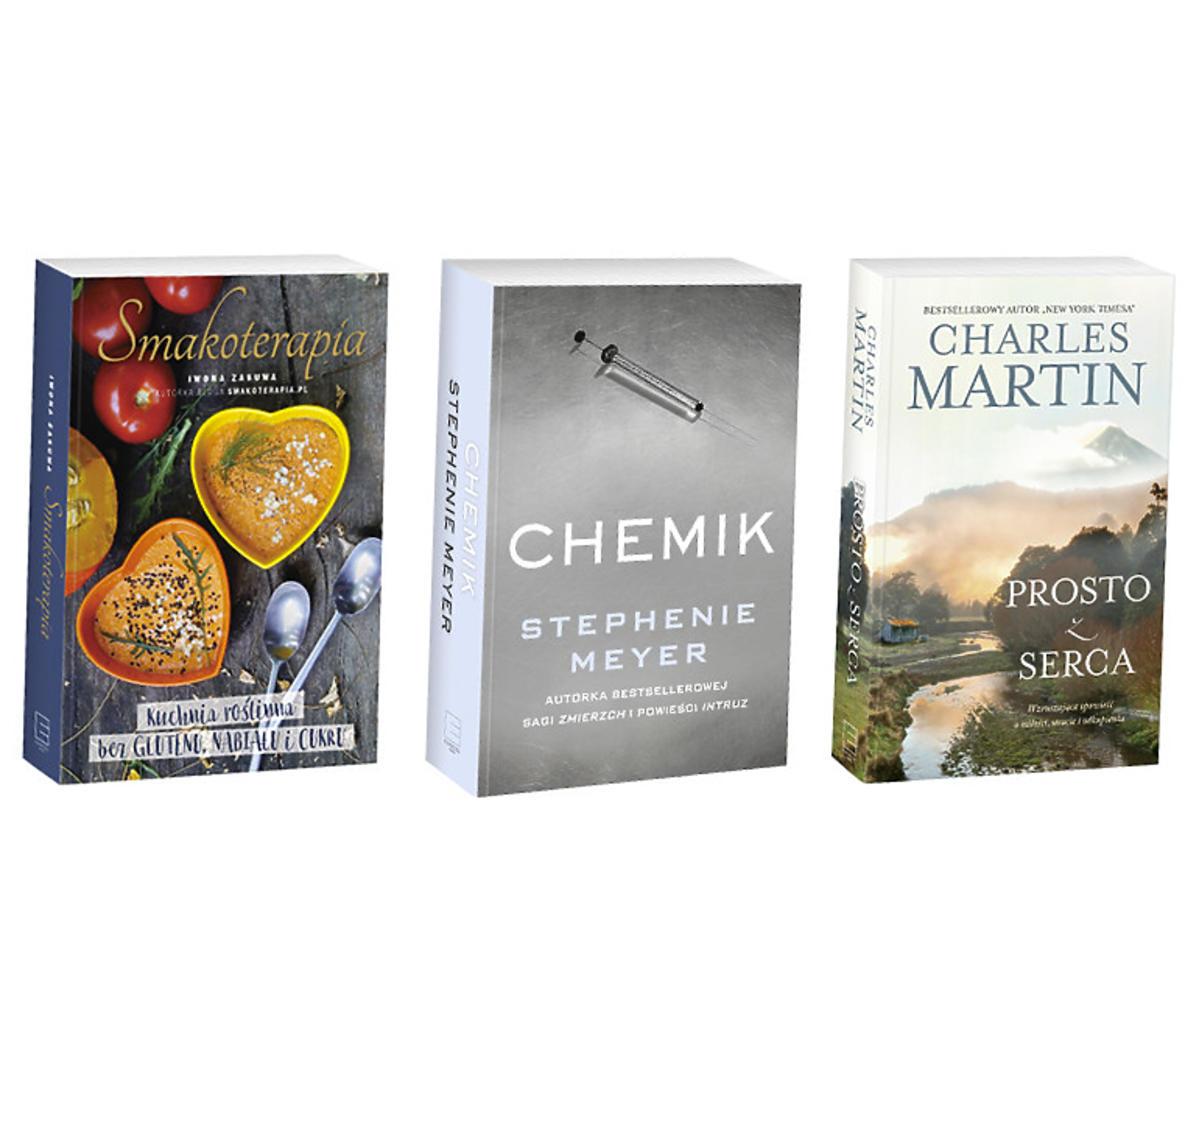 Świetnym prezentem, lub po prostu dodatkiem do większego prezentu, są książki!